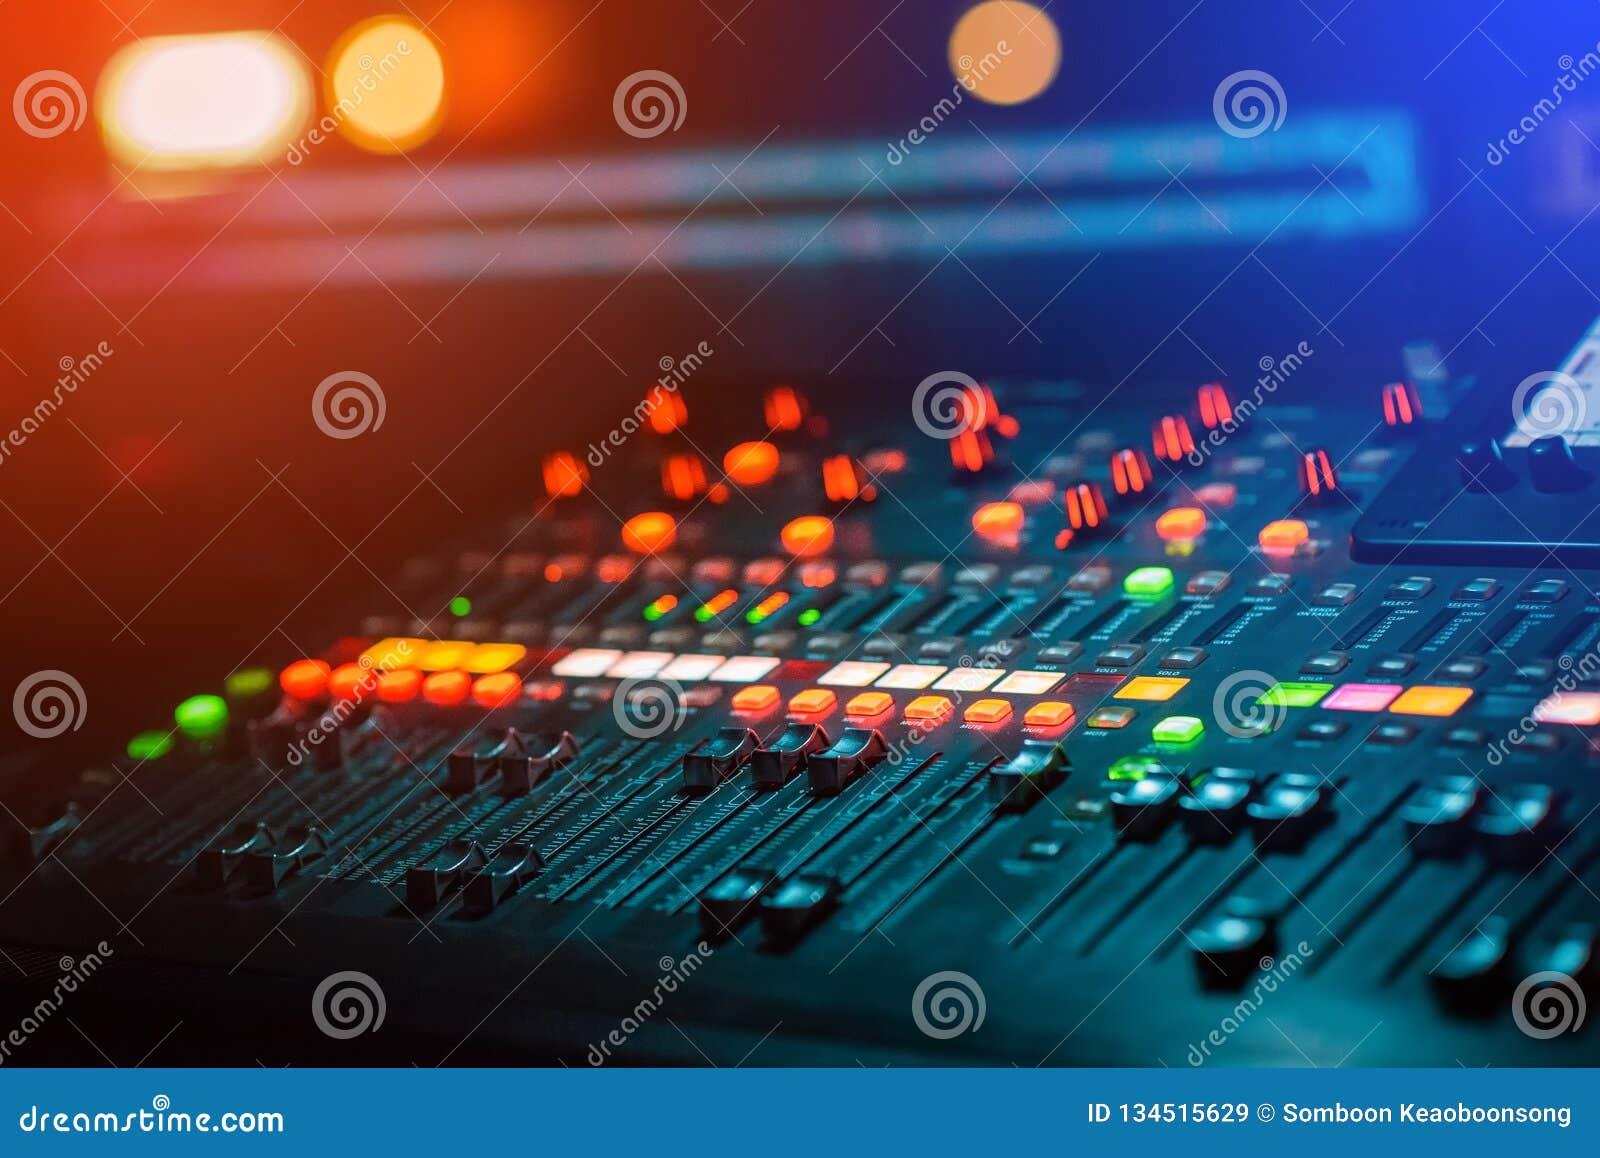 Consola de mezcla del mezclador de la música de DJ en el club nocturno para controlar el sonido con el bokeh